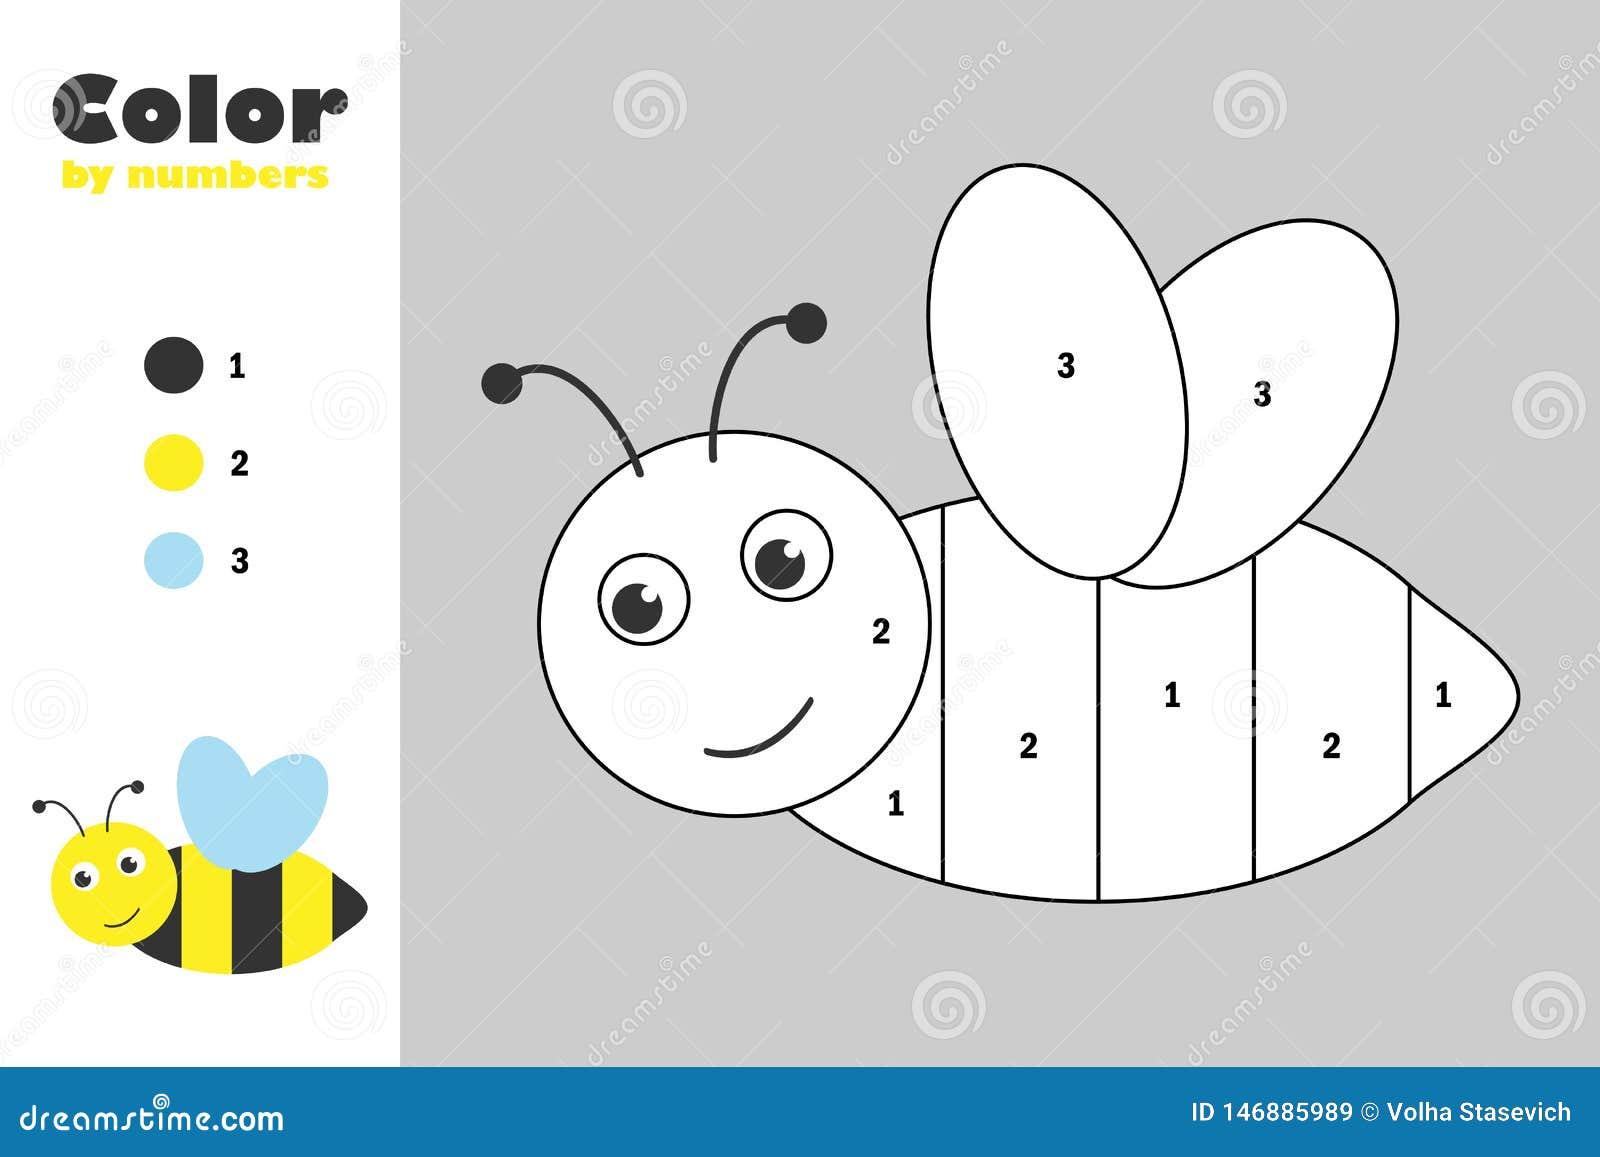 Μέλισσα στο ύφος κινούμενων σχεδίων, χρώμα από τον αριθμό, παιχνίδι εγγράφου εκπαίδευσης για την ανάπτυξη των παιδιών, χρωματίζον